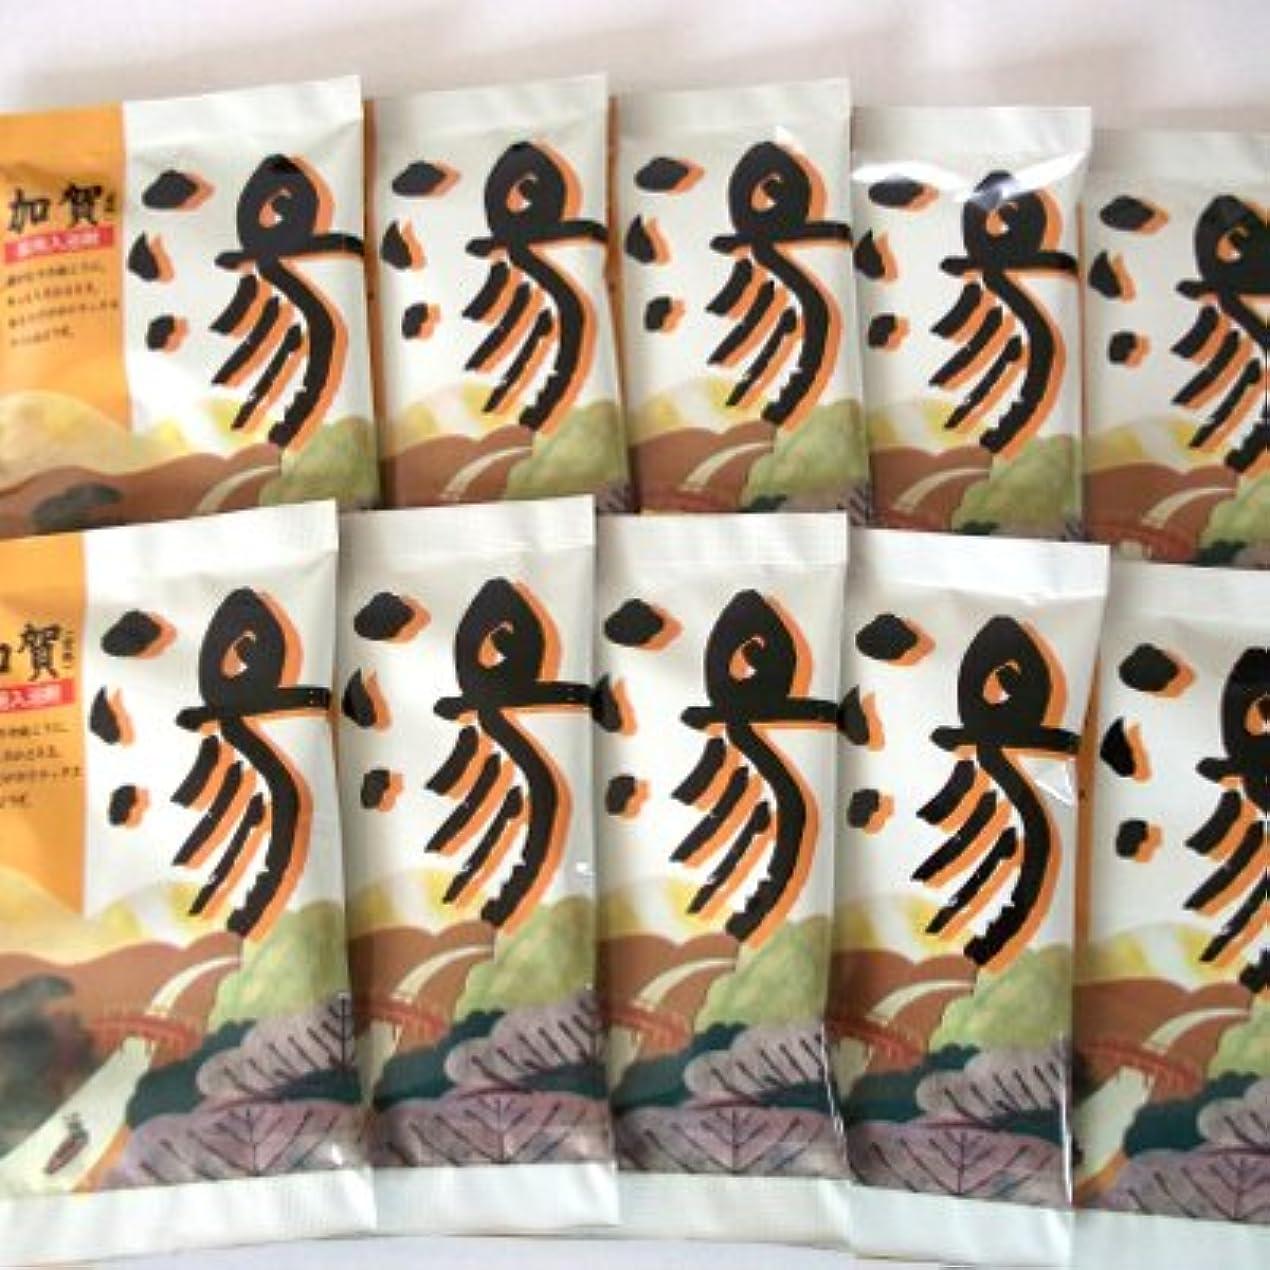 煙突持続する航海湯 加賀 ブーケの香り 10包セット